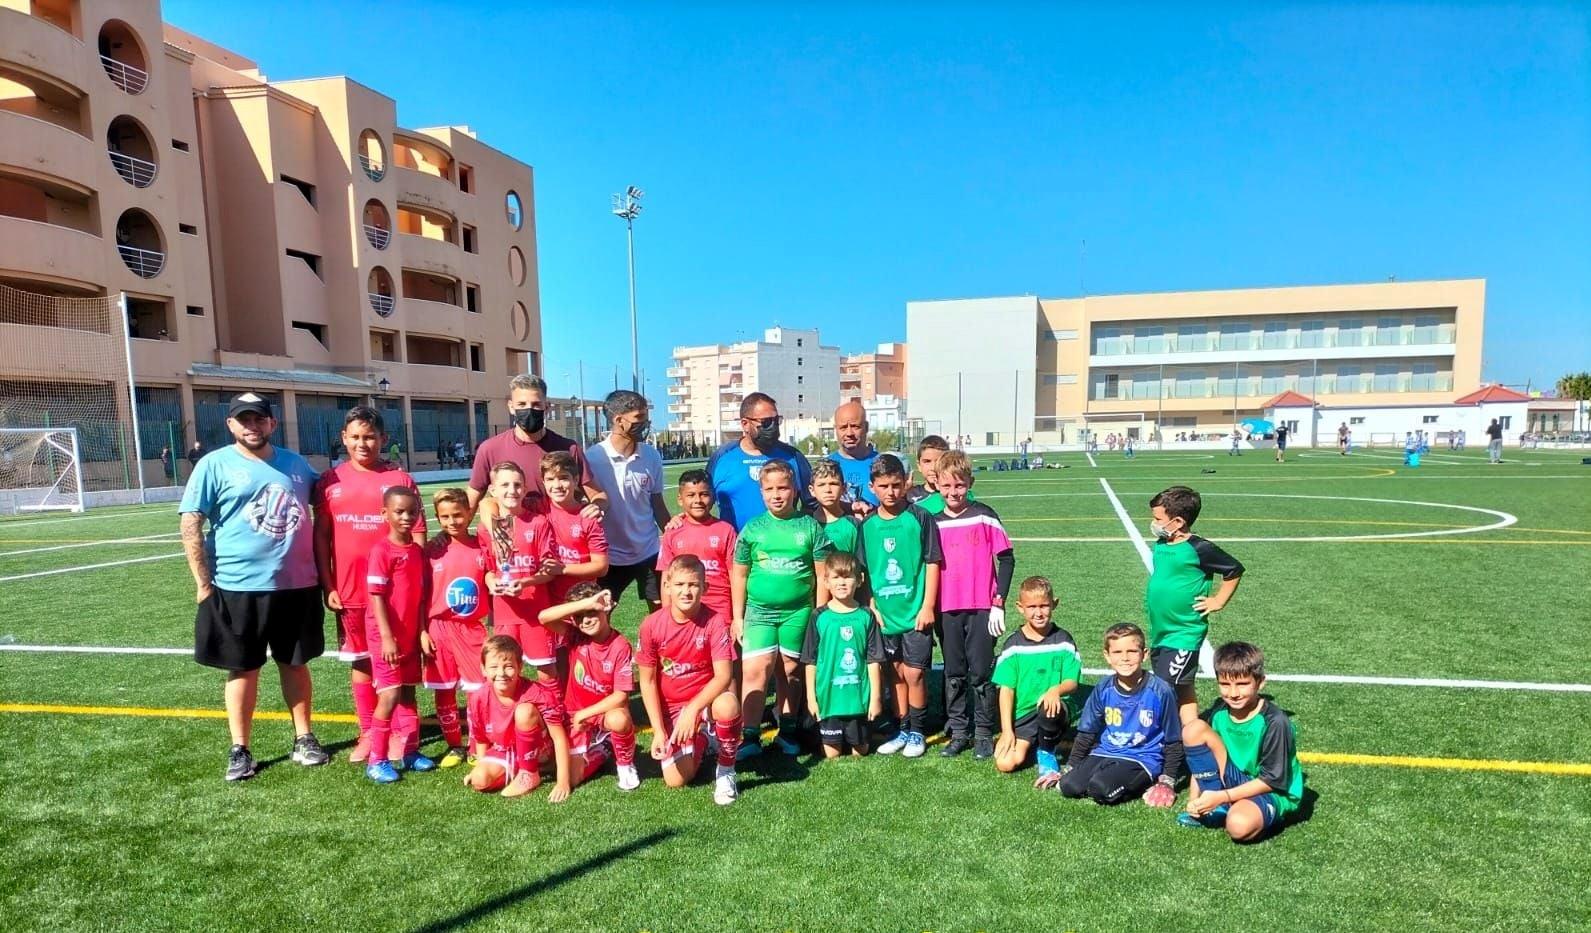 Los niños disfrutan en Isla Cristina del fútbol de cantera con el »Trofeo de la Amistad»